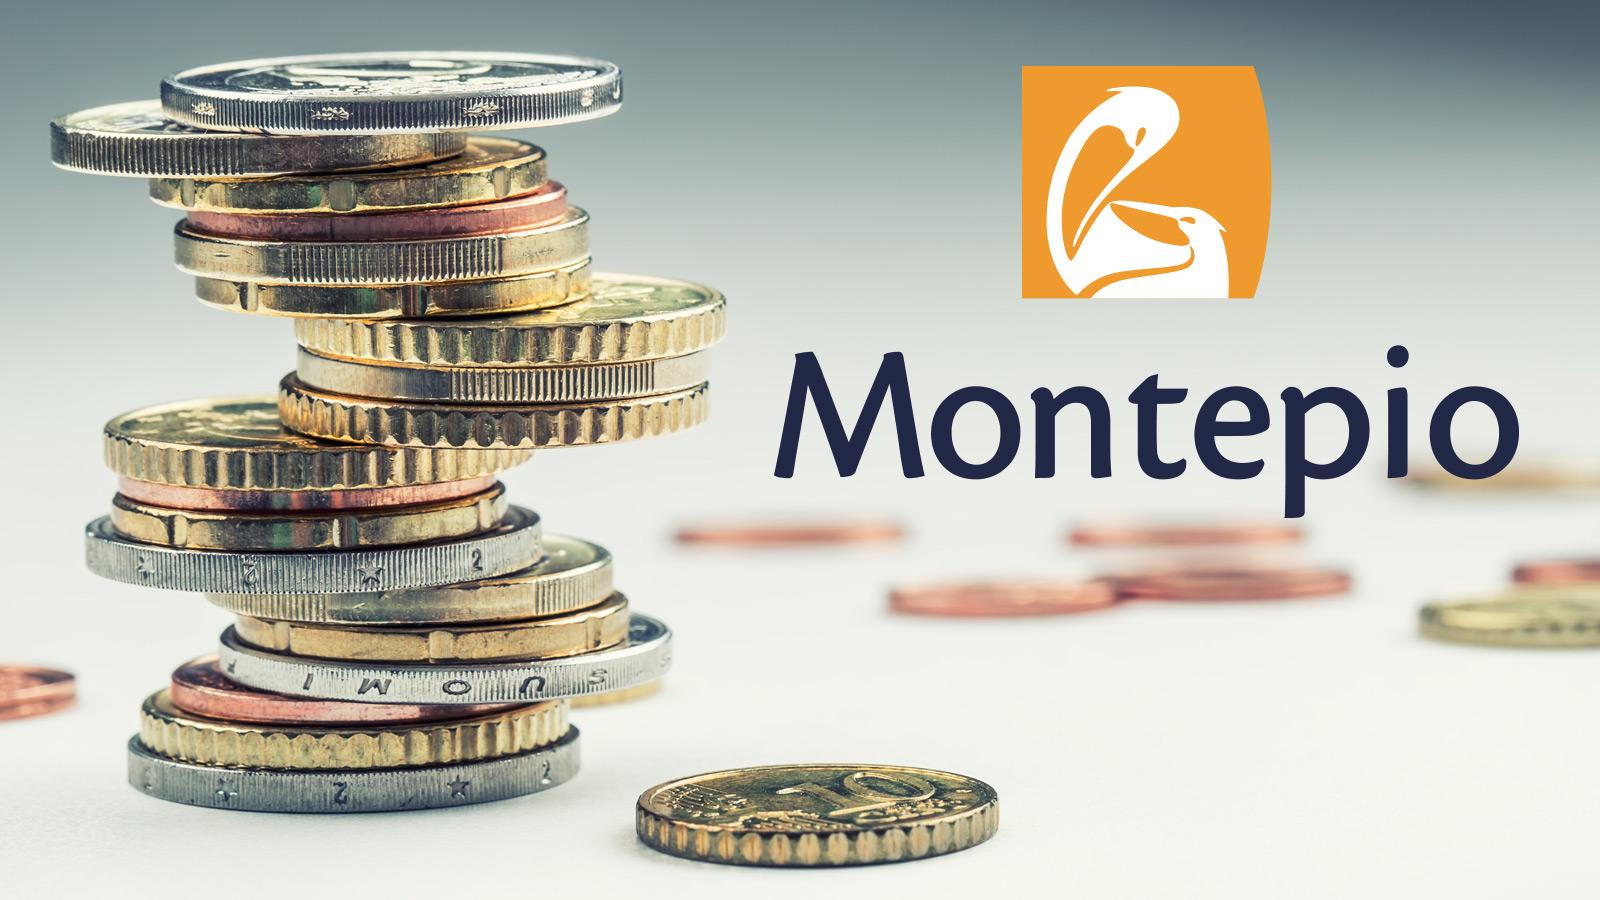 É seguro manter o dinheiro no Montepio?